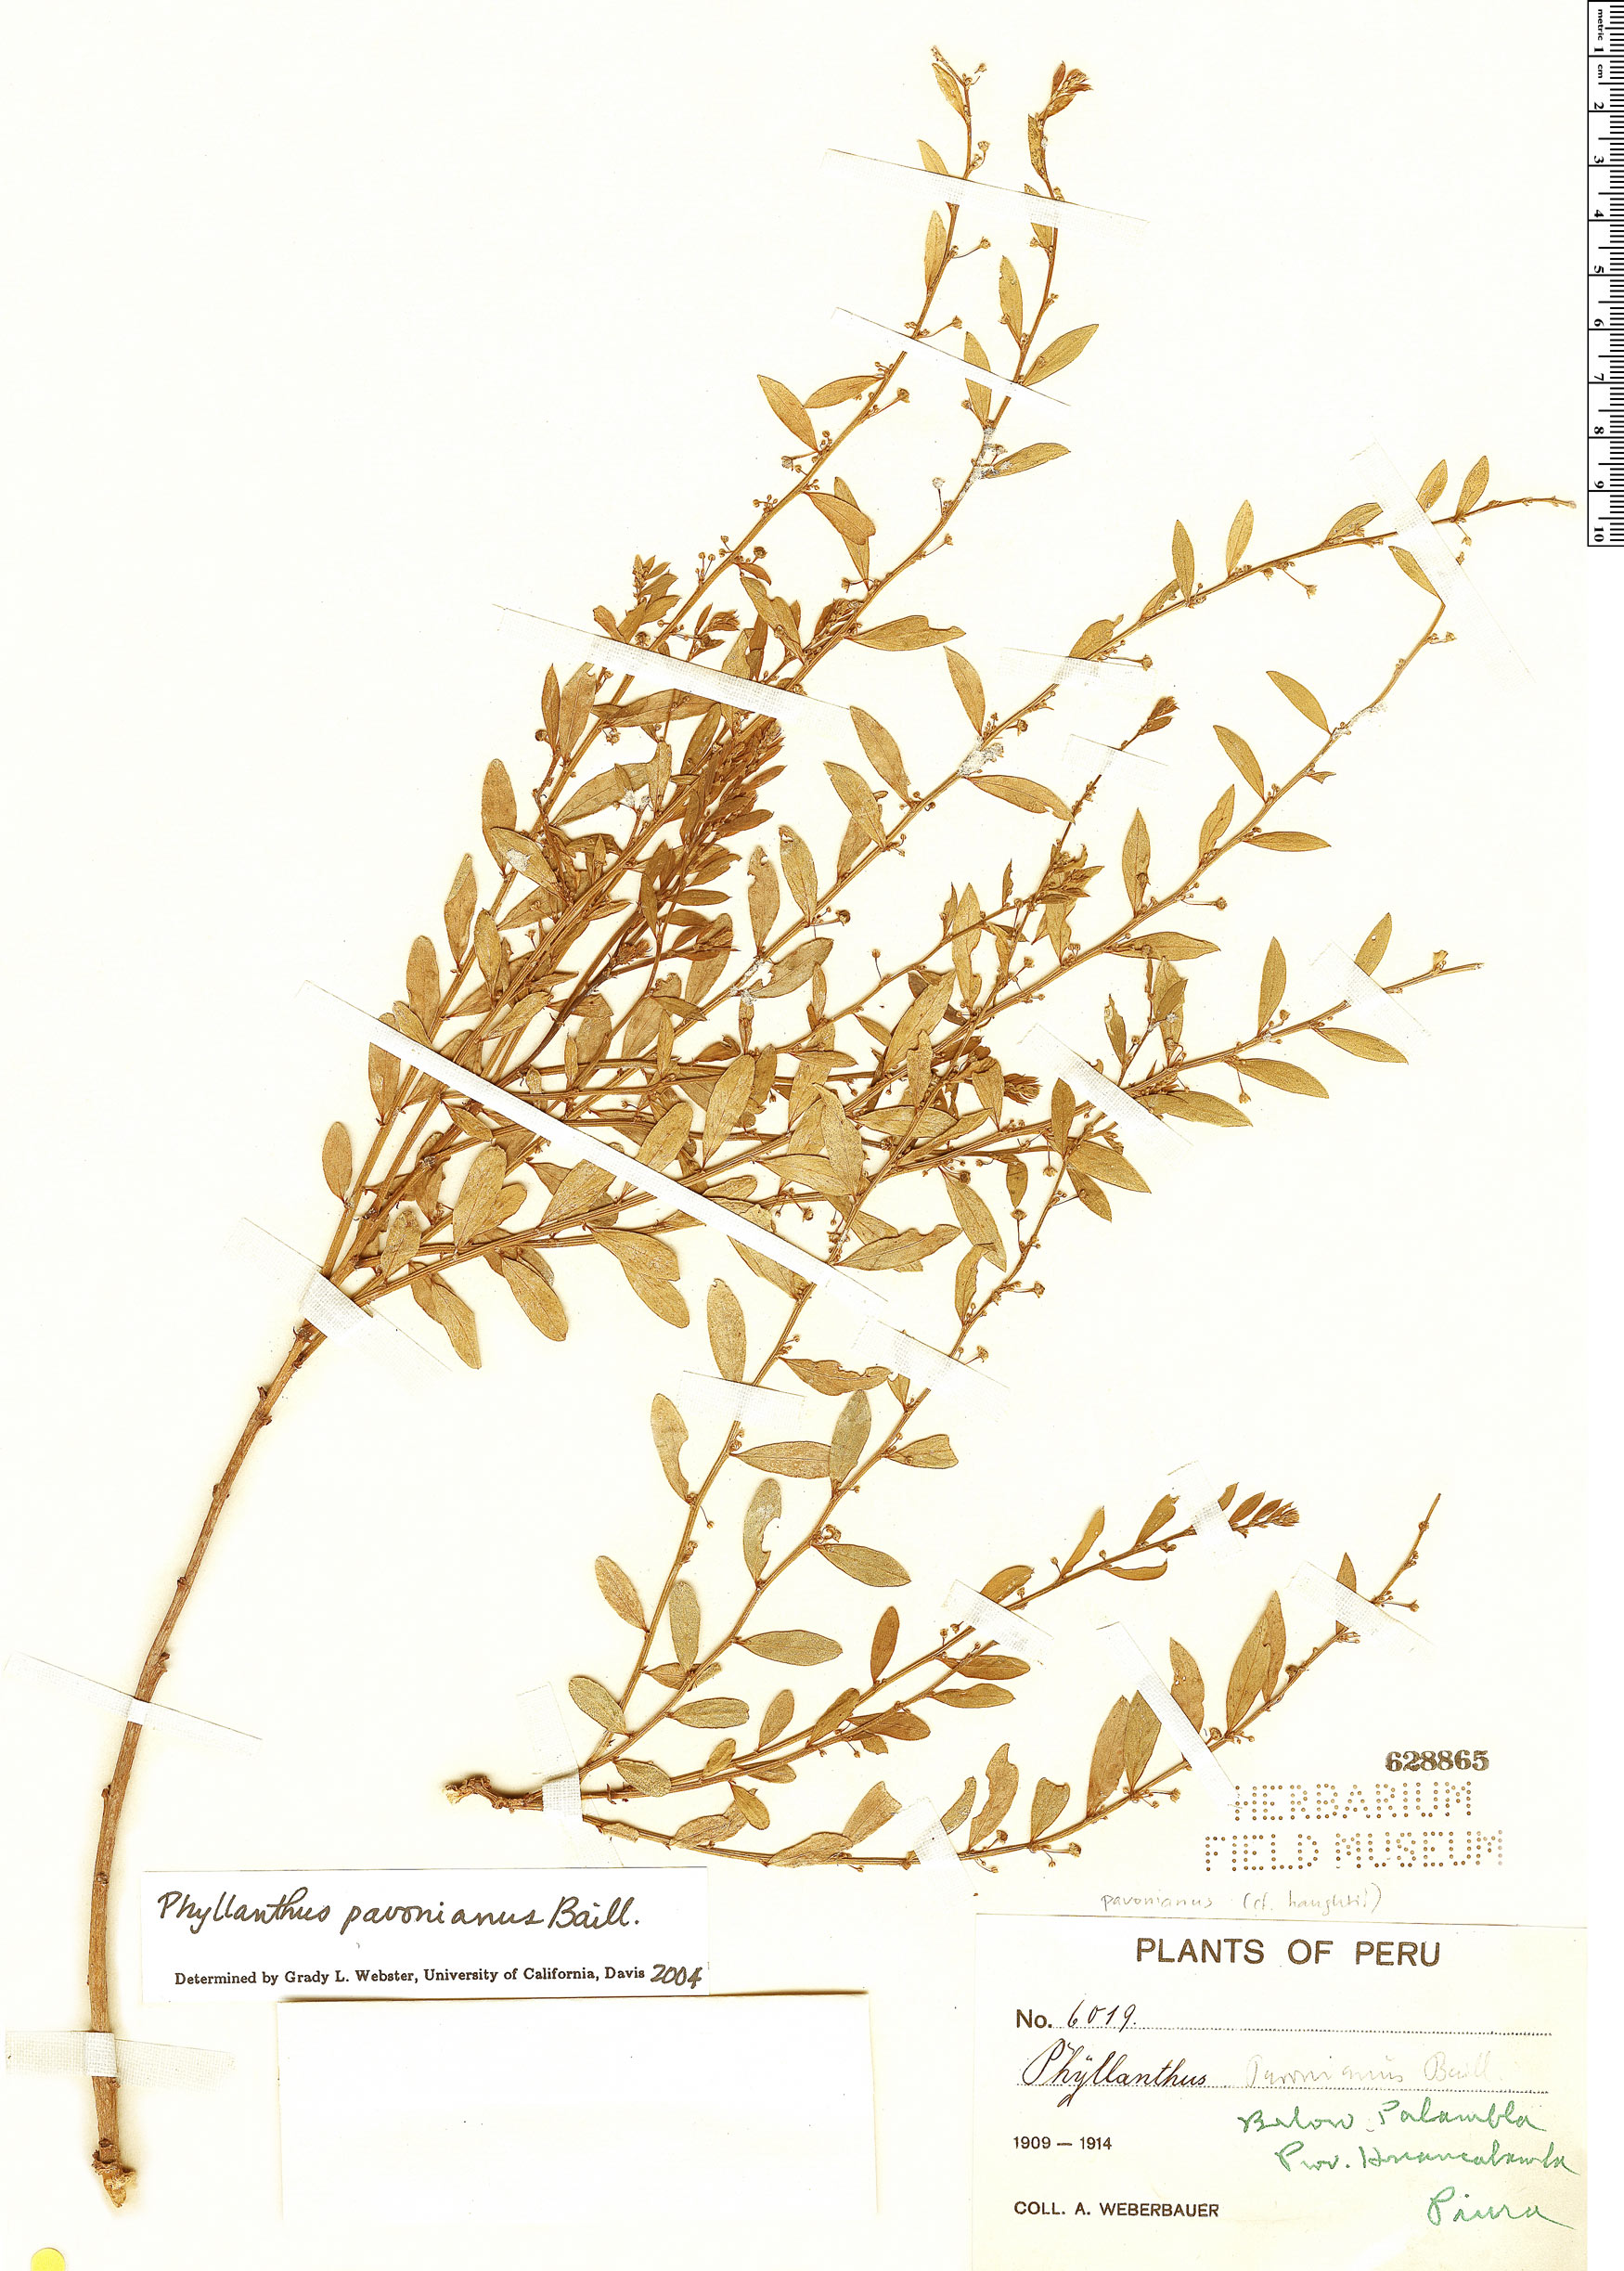 Specimen: Phyllanthus pavonianus